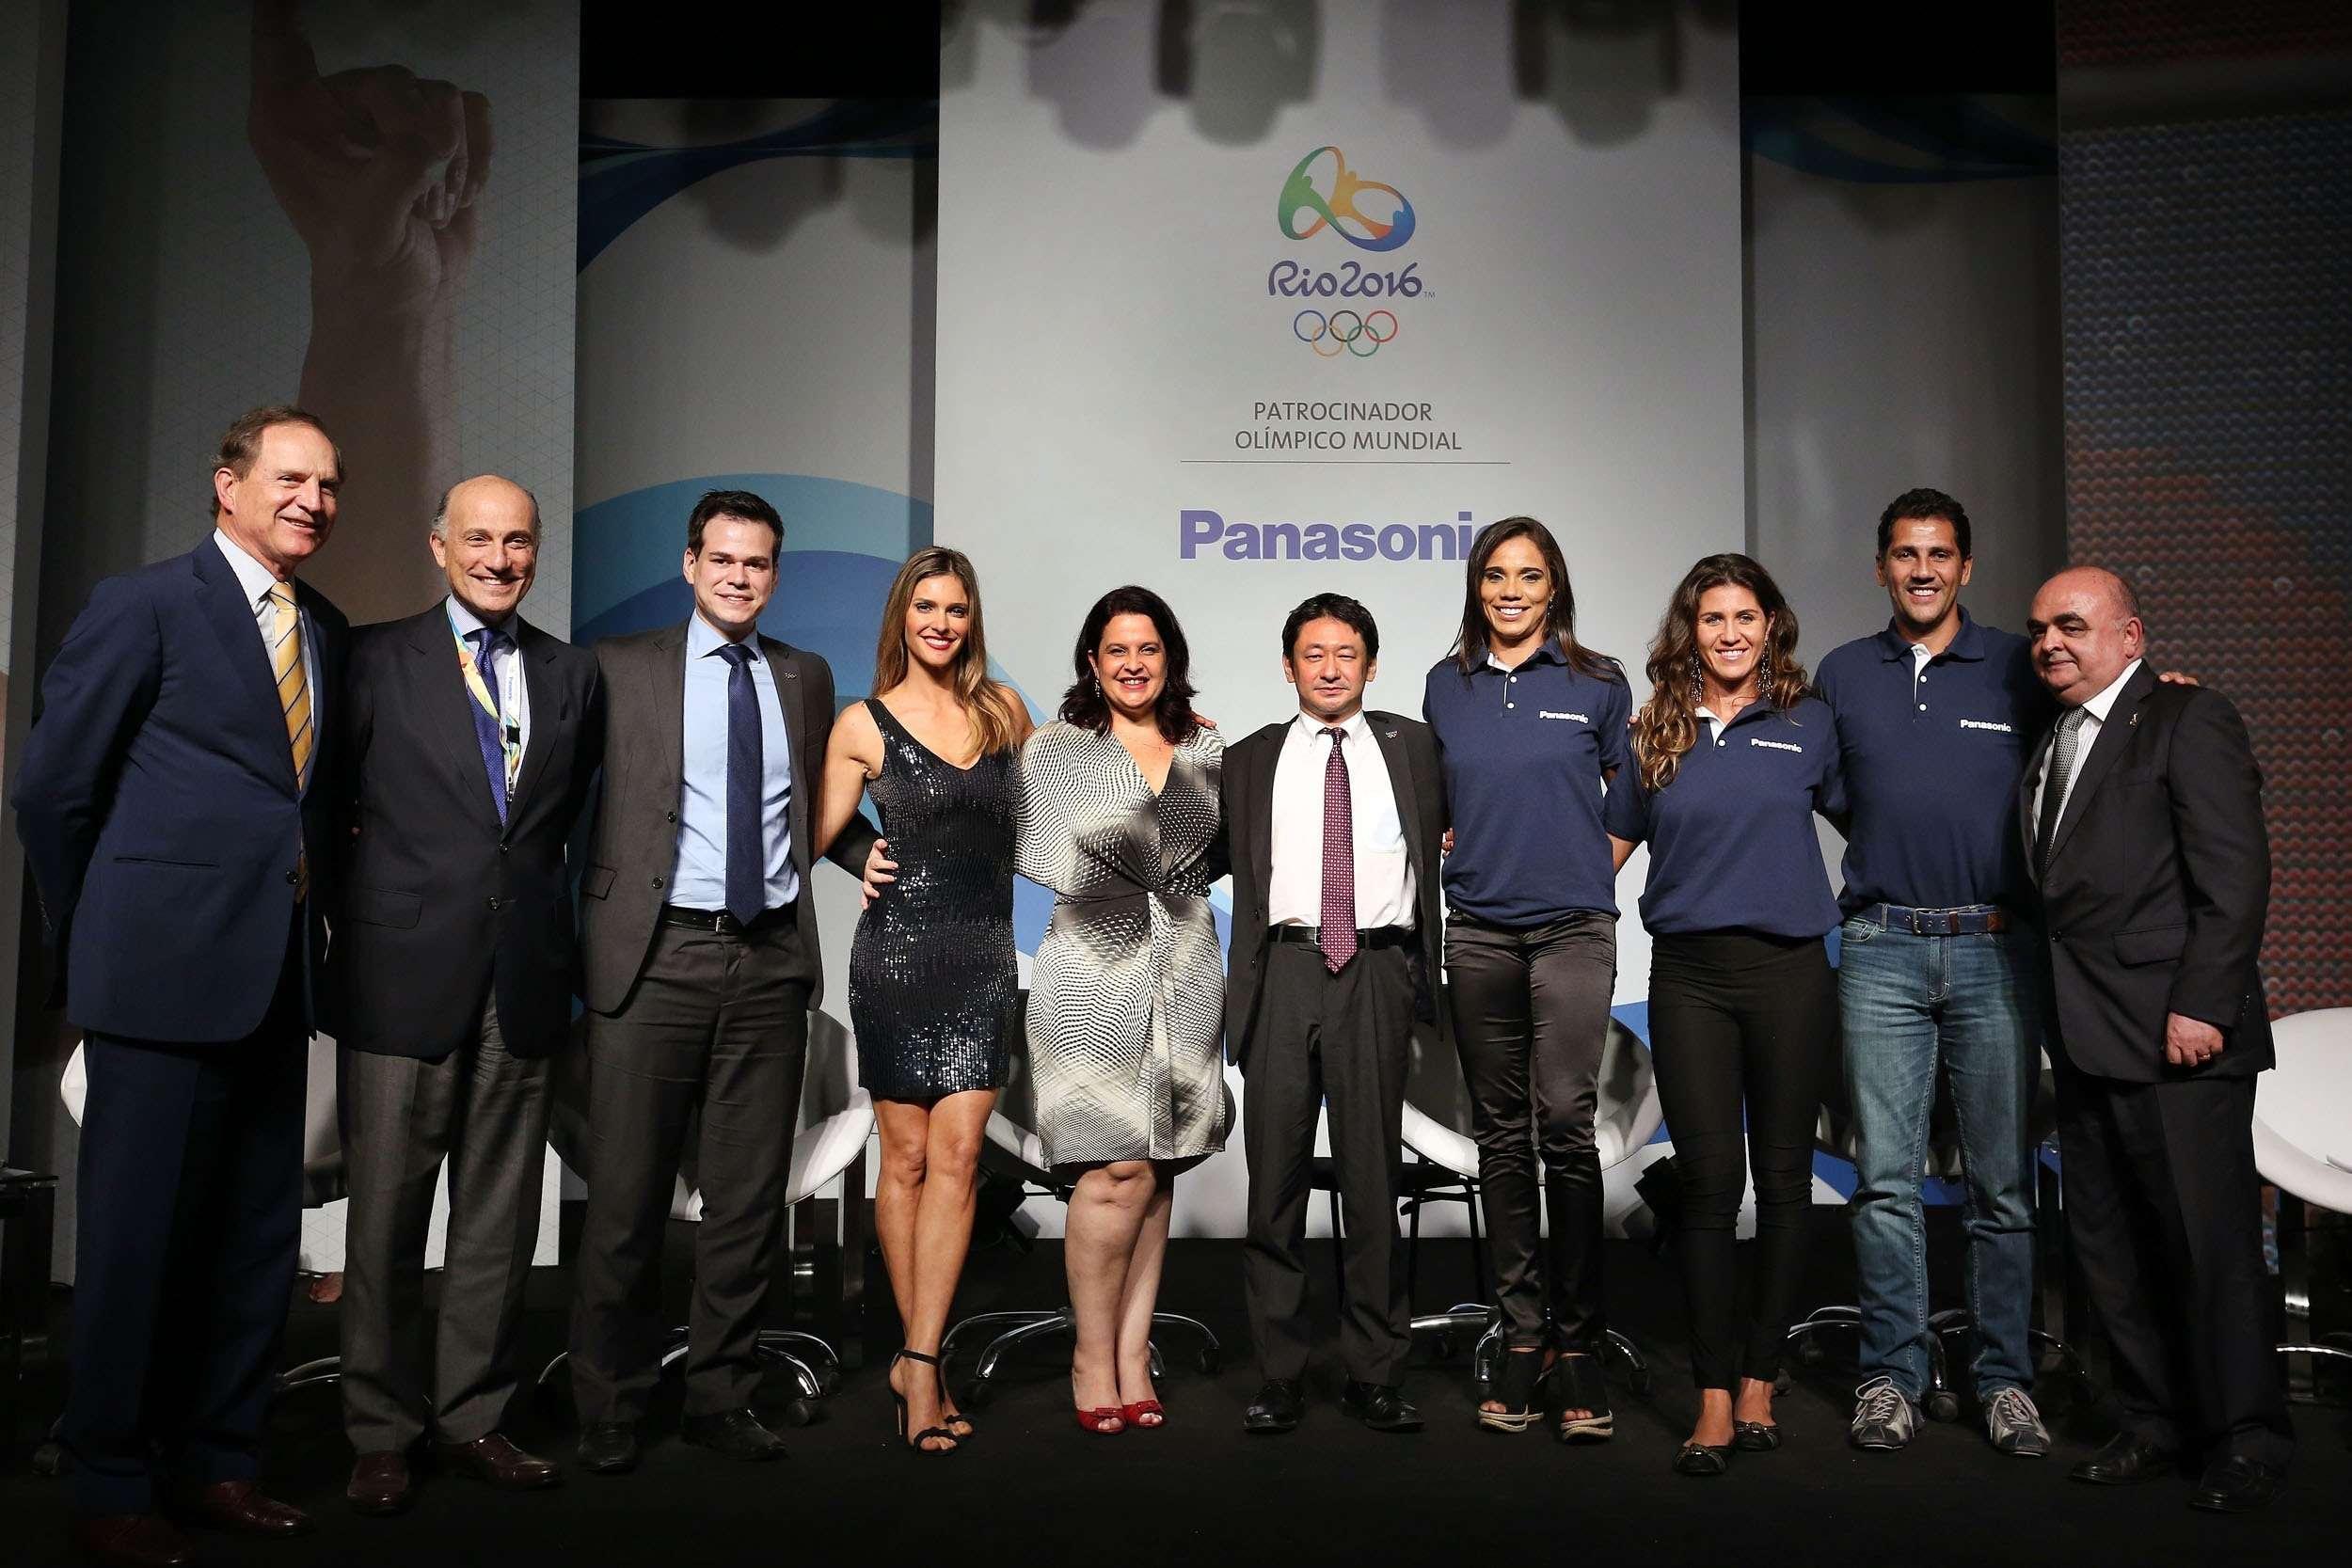 Panasonic kündigt Sponsoring der brasilianischen Athleten und des ...